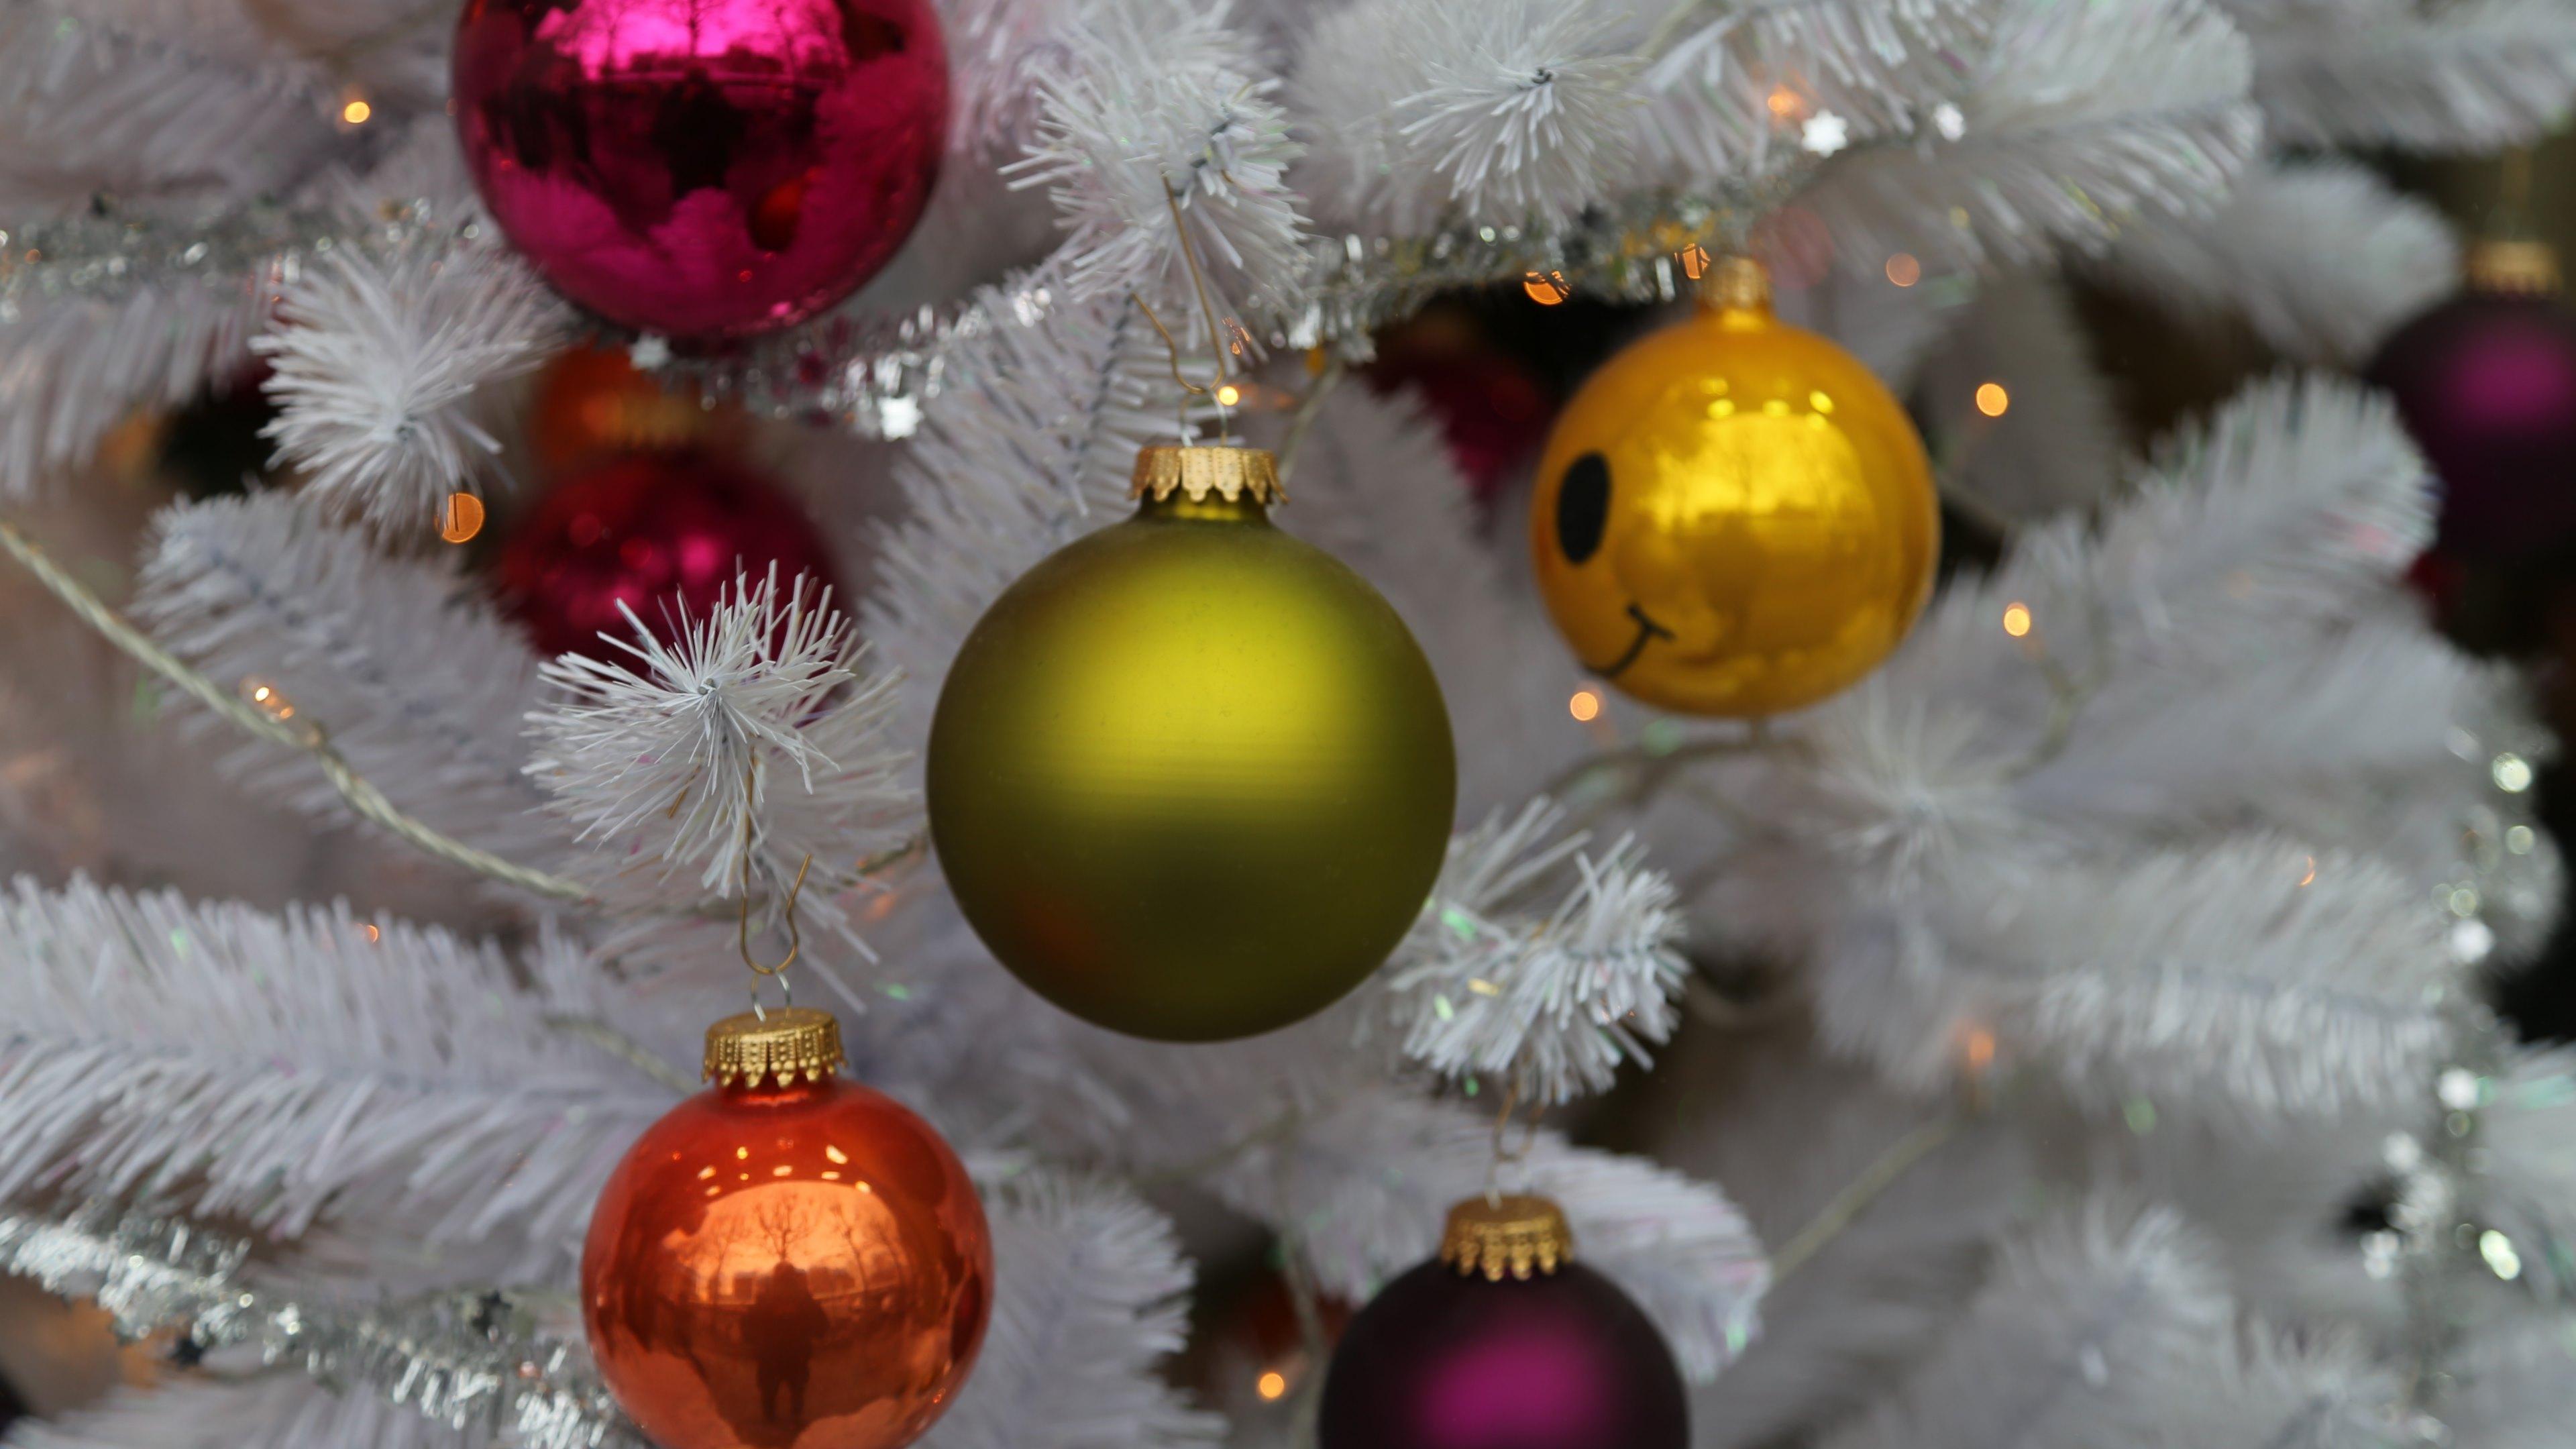 Christmas wallpaper. 4K & HD Christmas wallpapers for ...